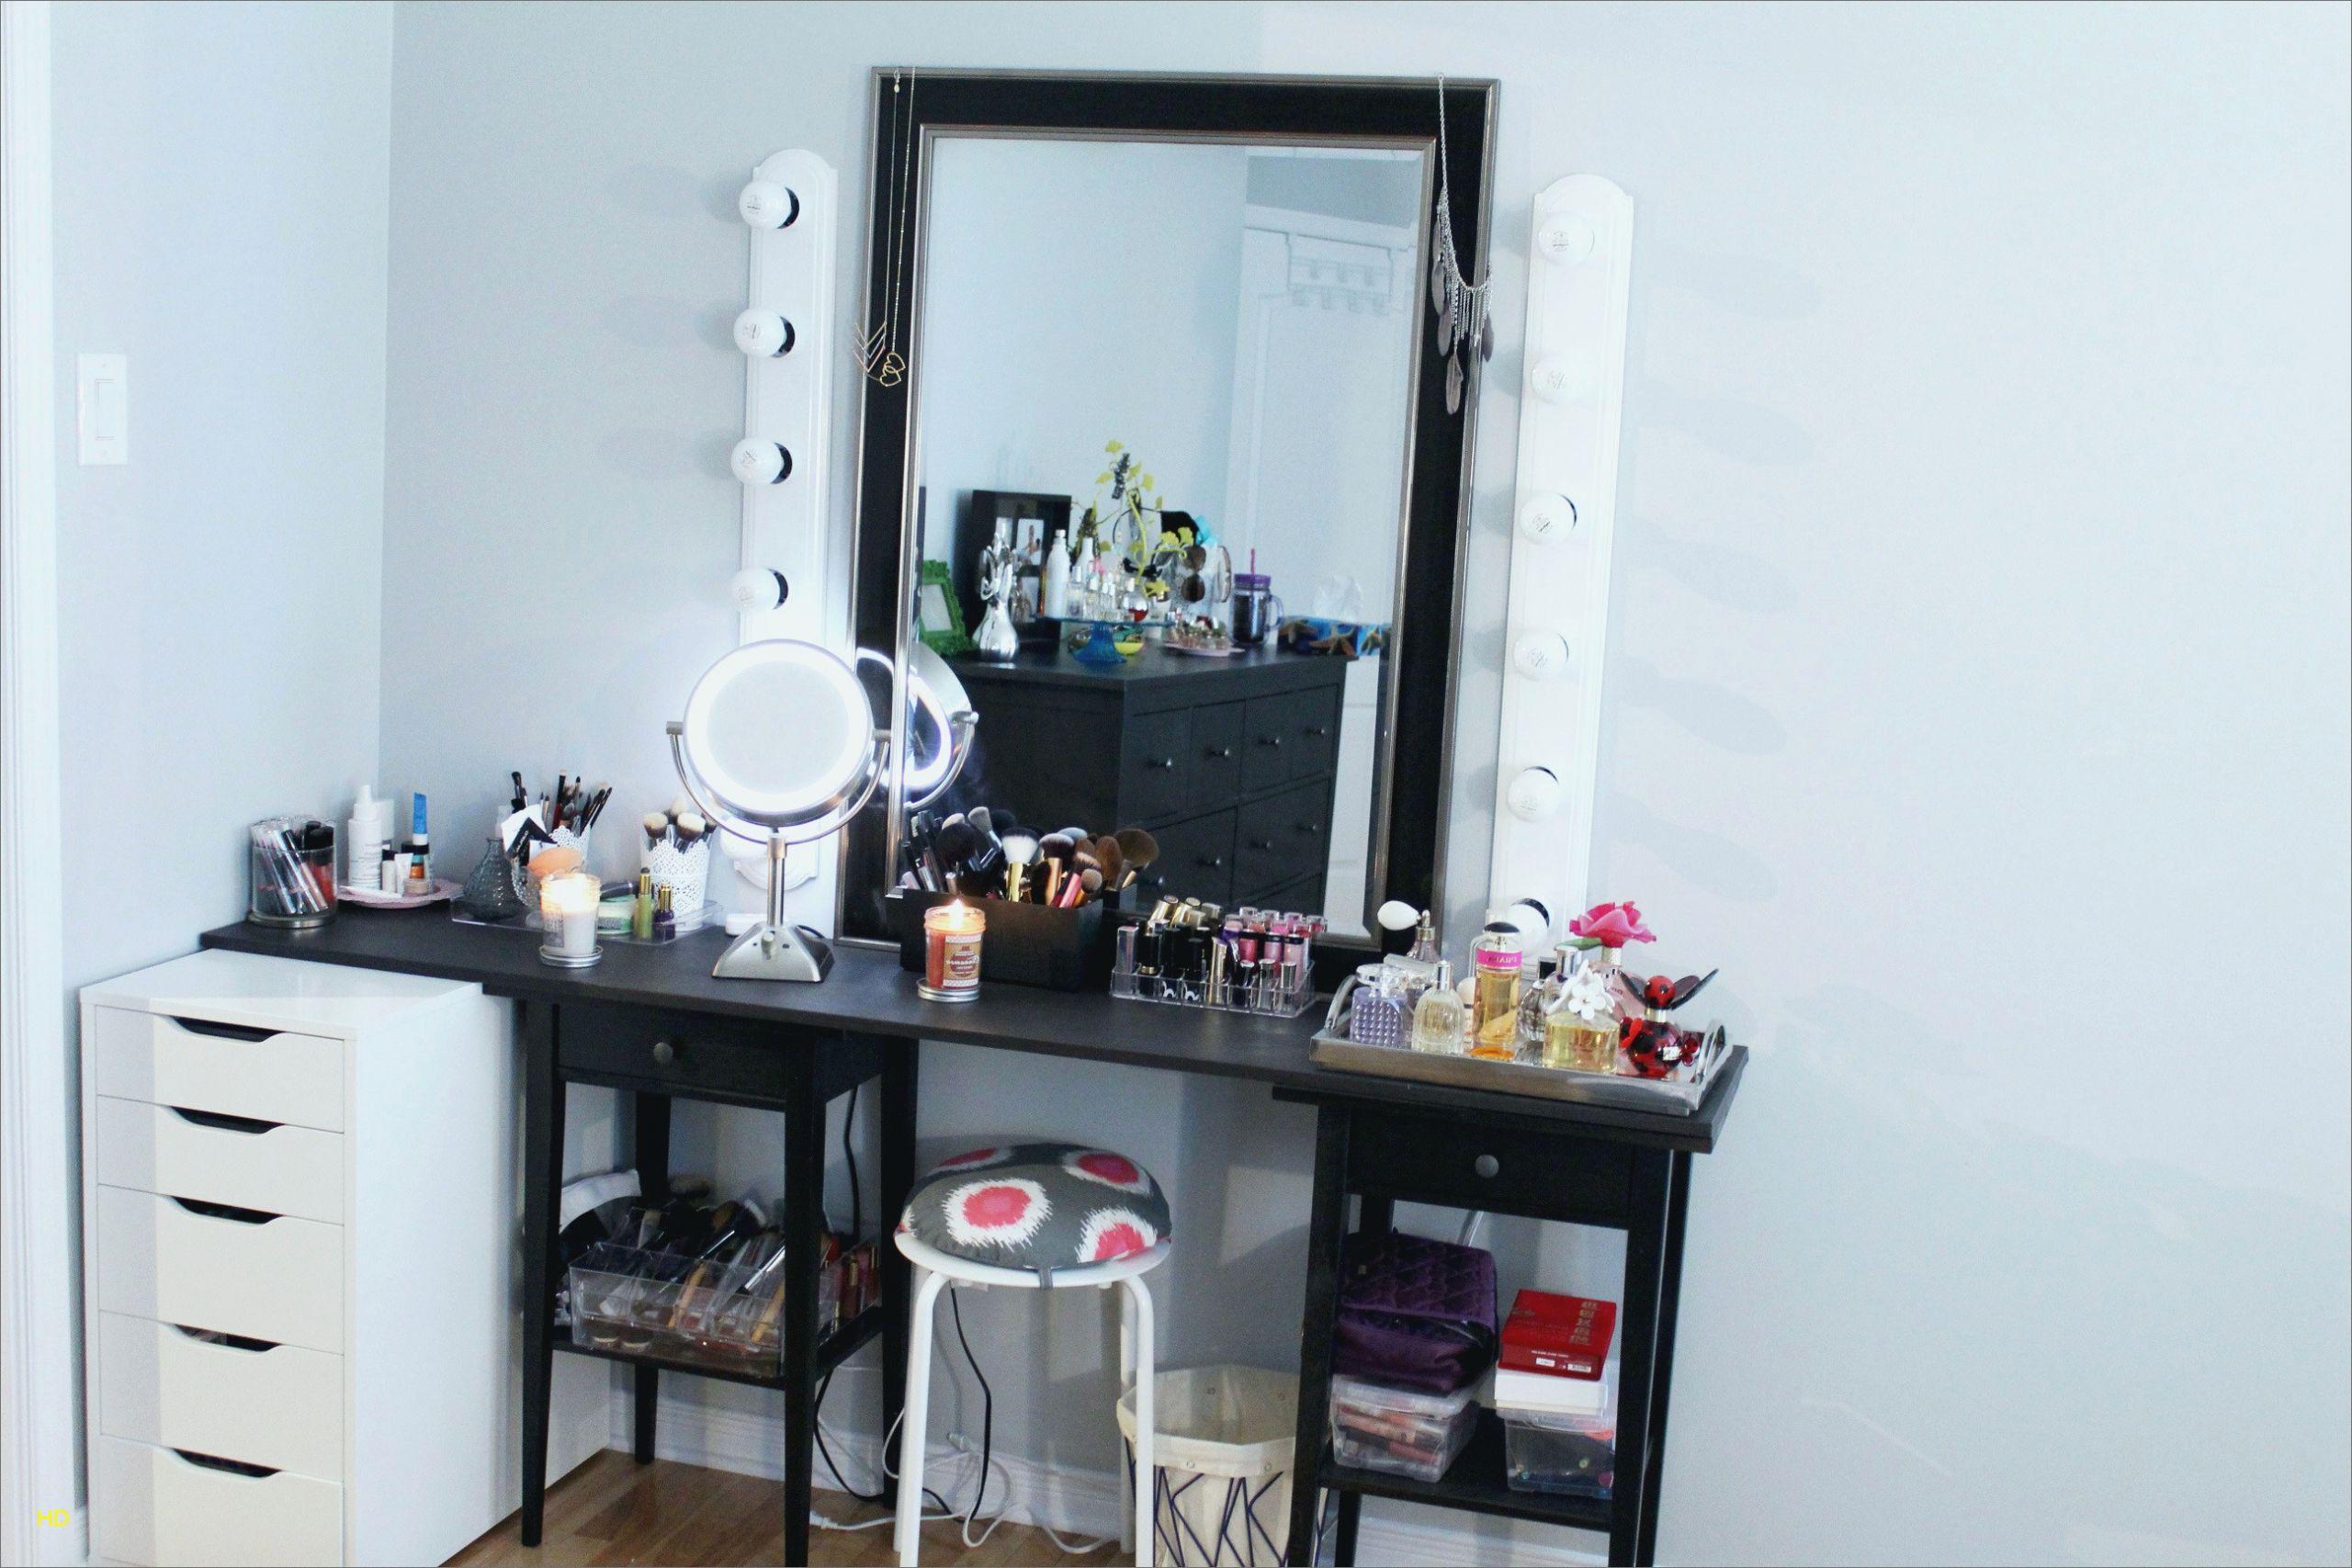 meuble cuisine angle meuble d angle bas cuisine 25 meuble haut d angle cuisine of meuble cuisine angle